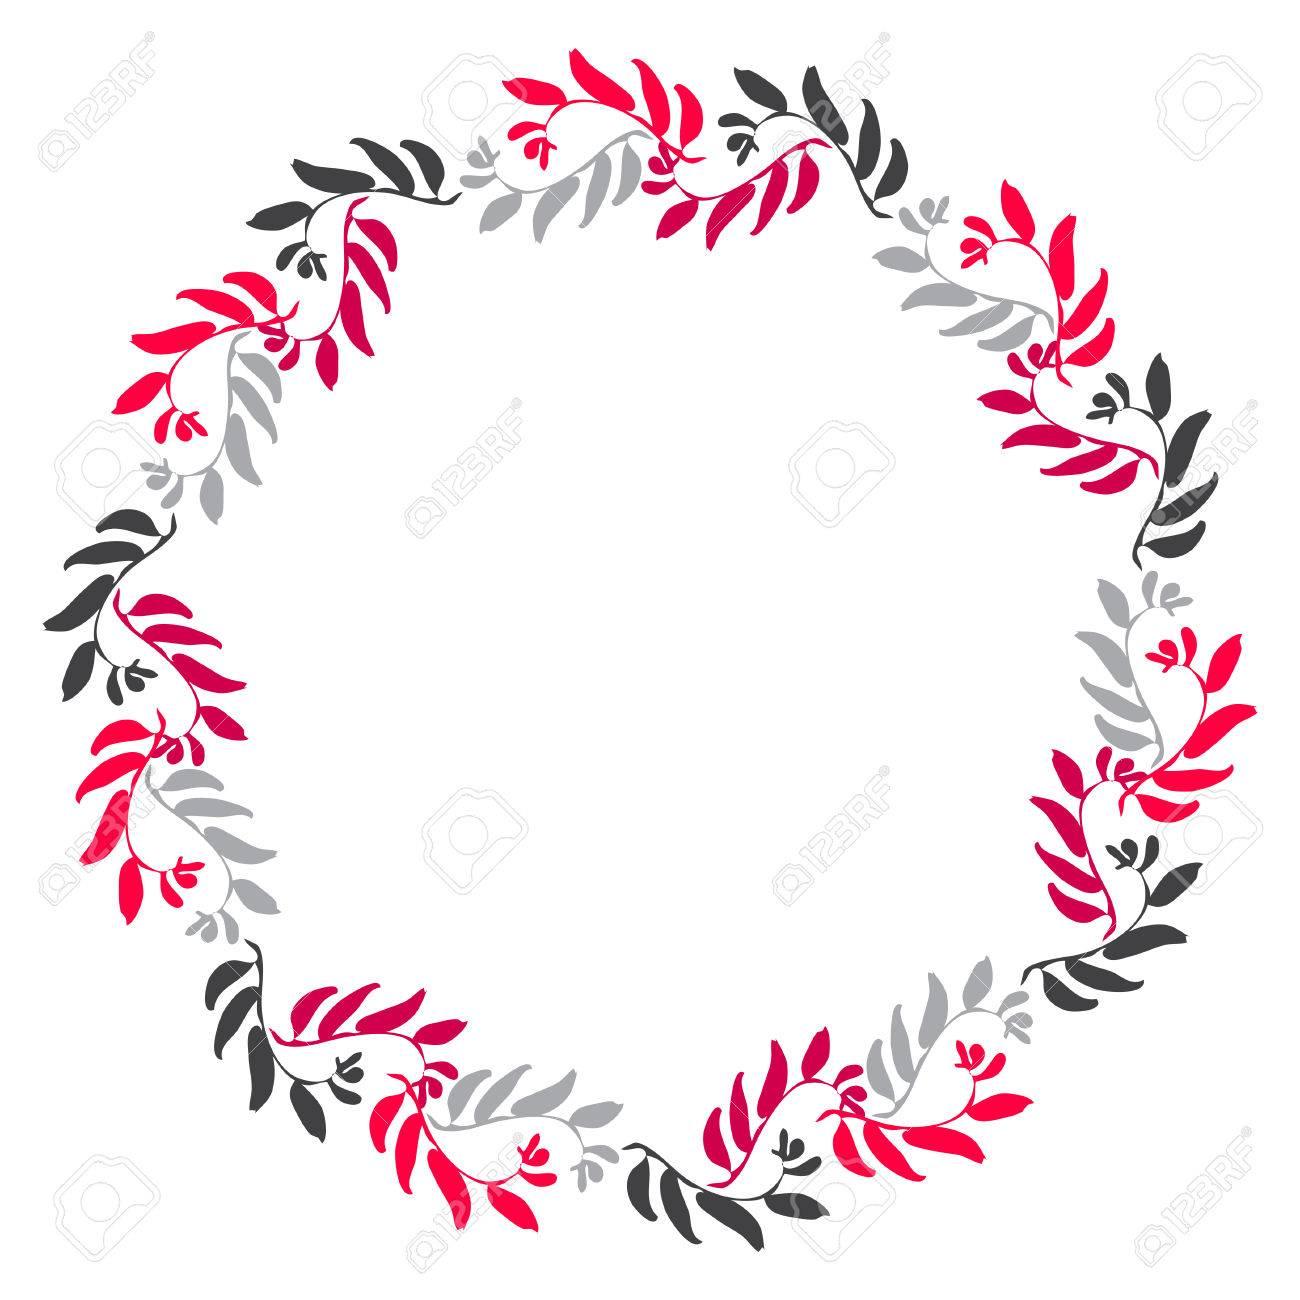 Marco Del Círculo Floral Para La Tarjeta De Felicitación Invitaciones Diseños De La Invitación De La Boda Aureola Alrededor Con Hojas De Color